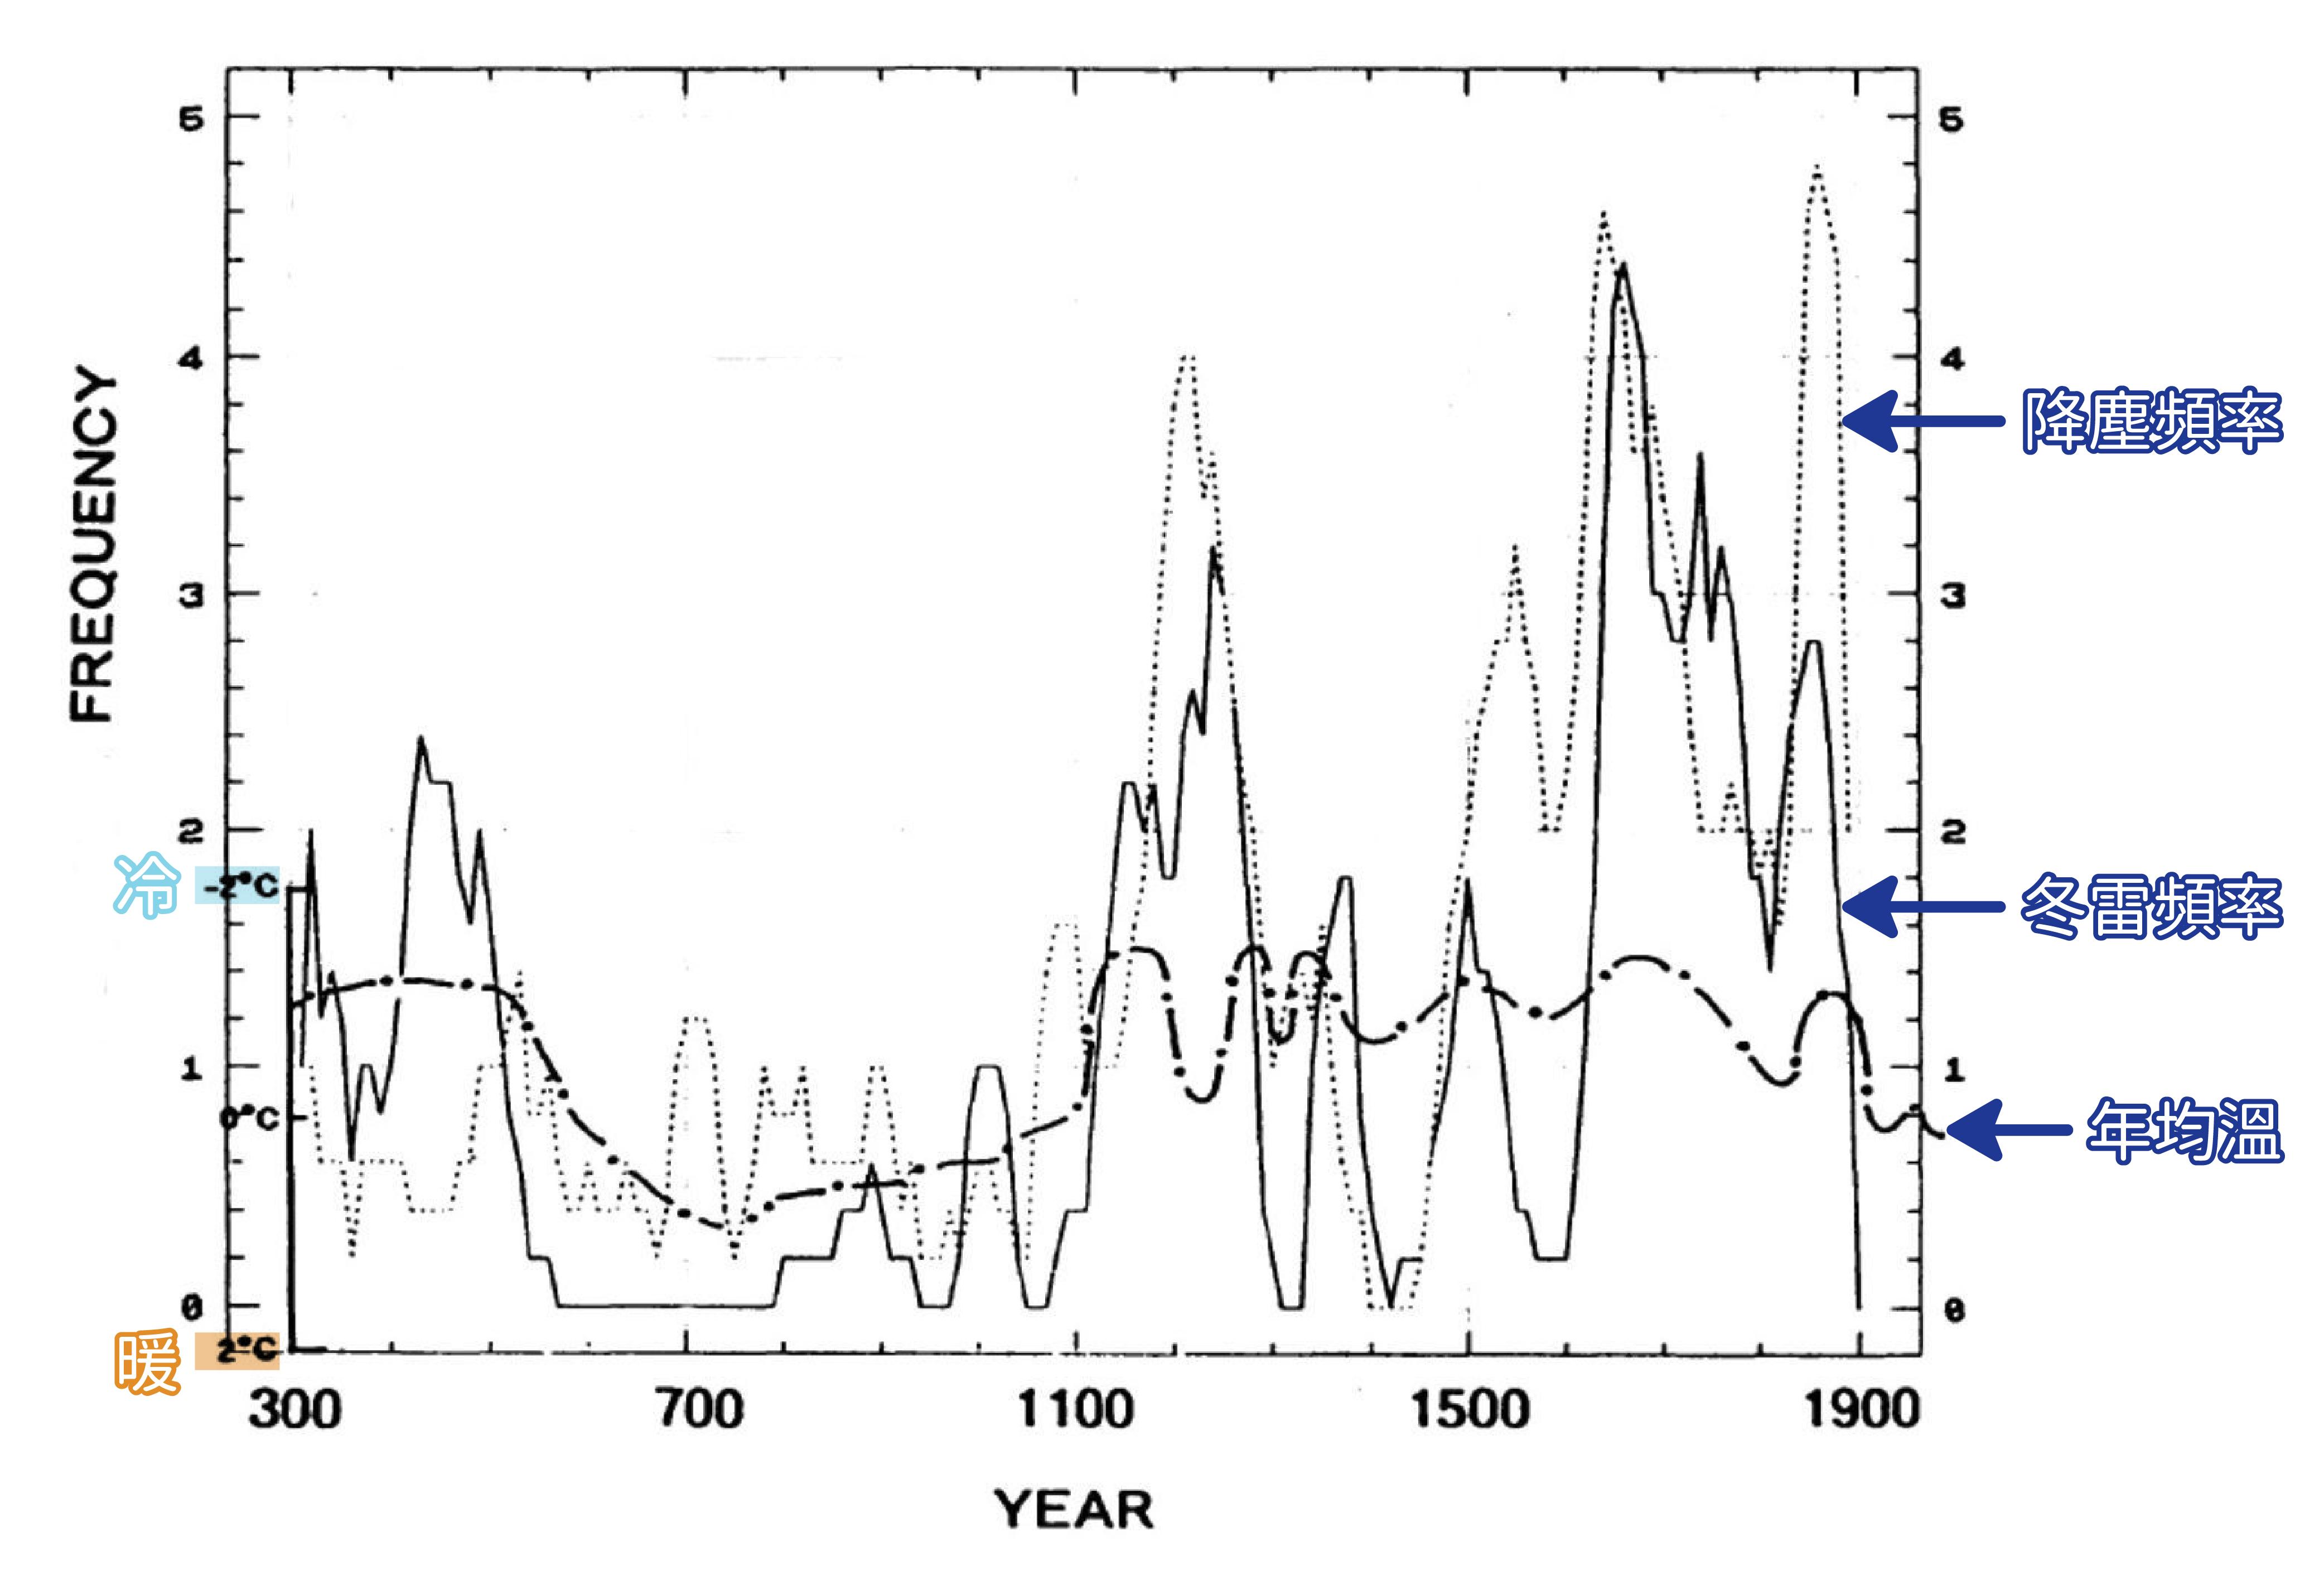 王寳貫統計過去兩千年的冬雷次數,與溫度(竺可楨,1973)、降塵的關係。 資料來源│王寳貫提供 圖說重製│歐柏昇、張語辰